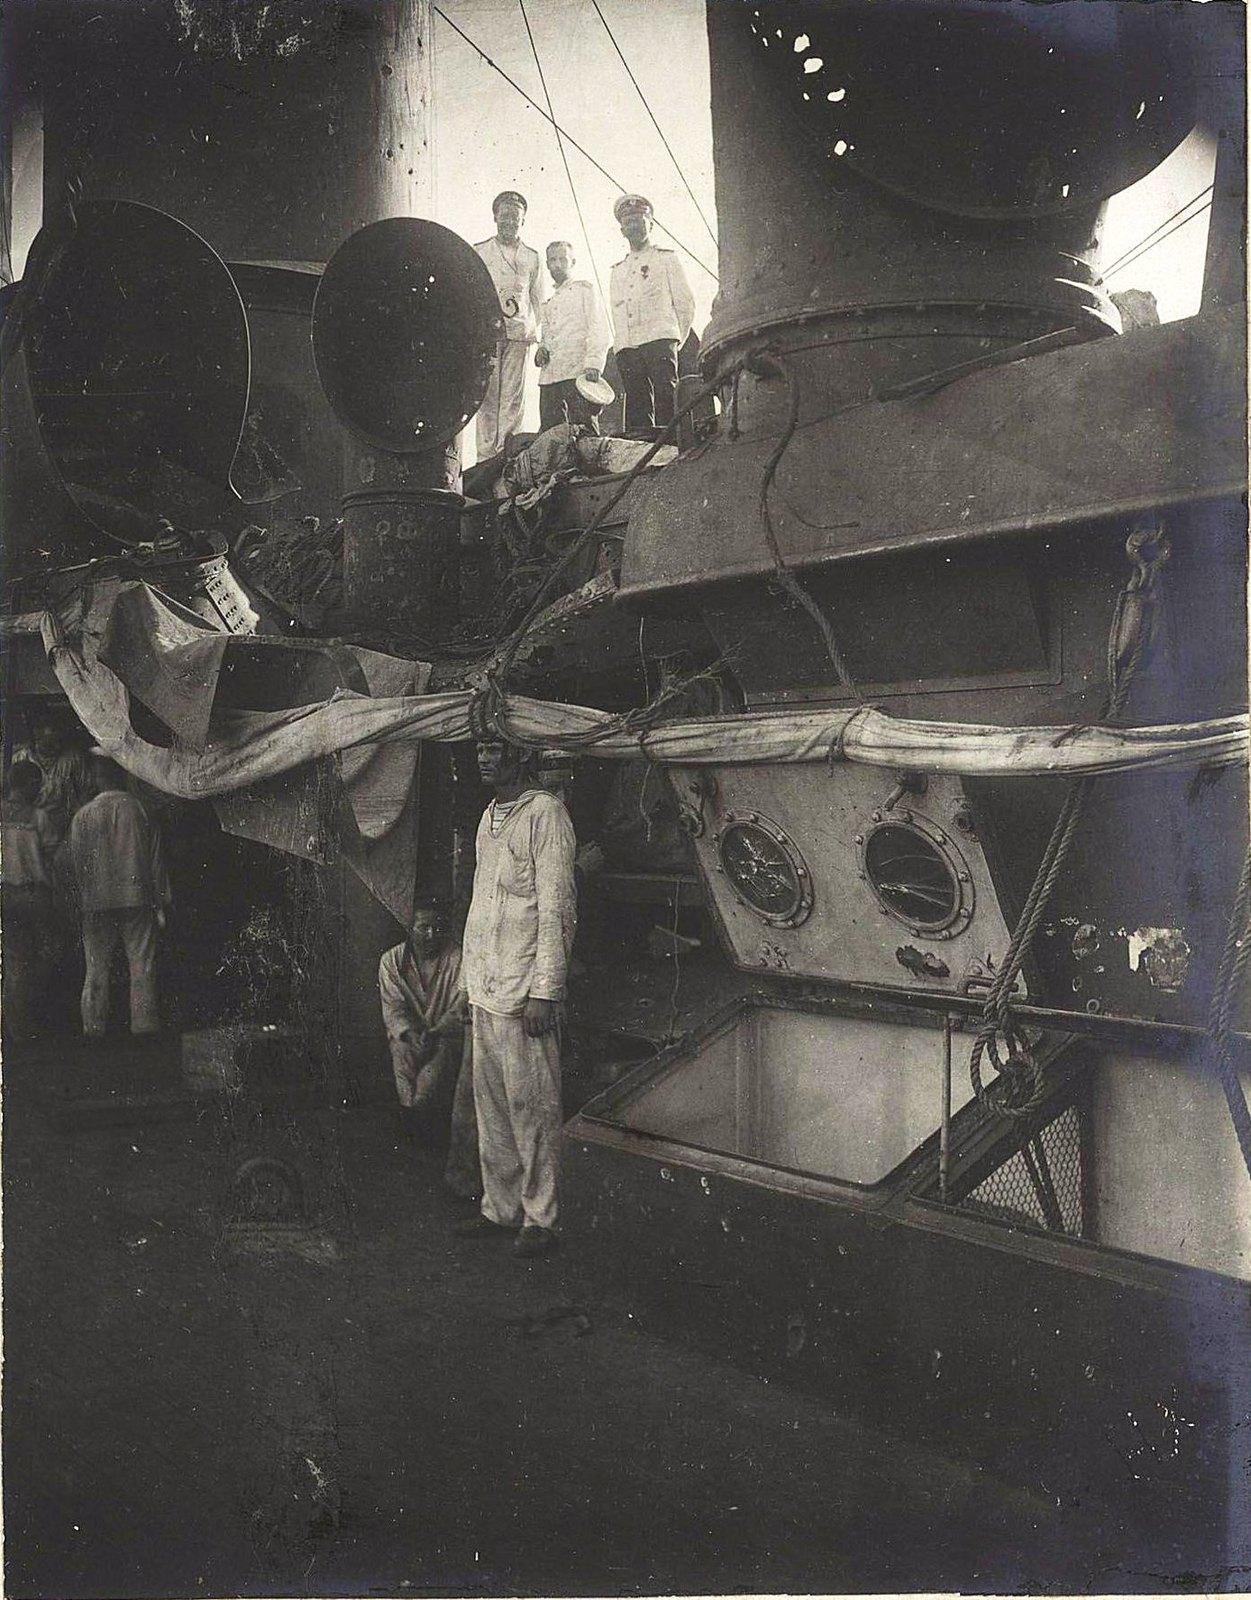 Матросы на палубе повреждённого в бою корабля1